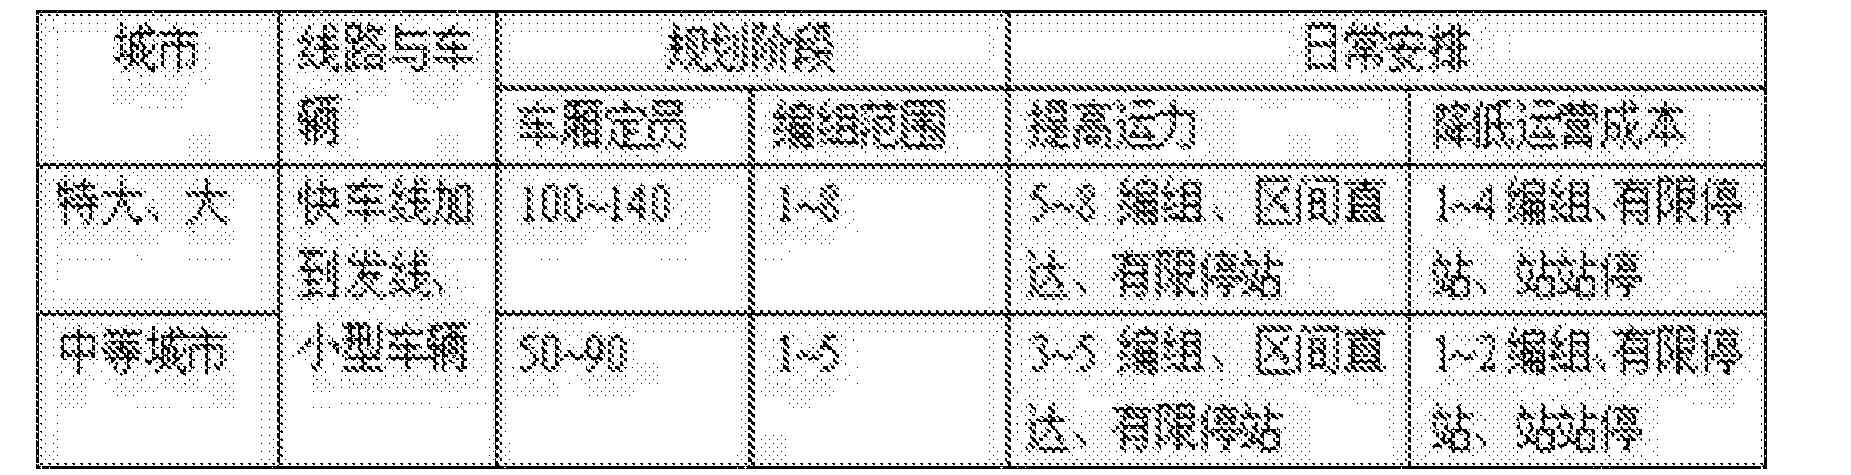 Figure CN104816732BD00131